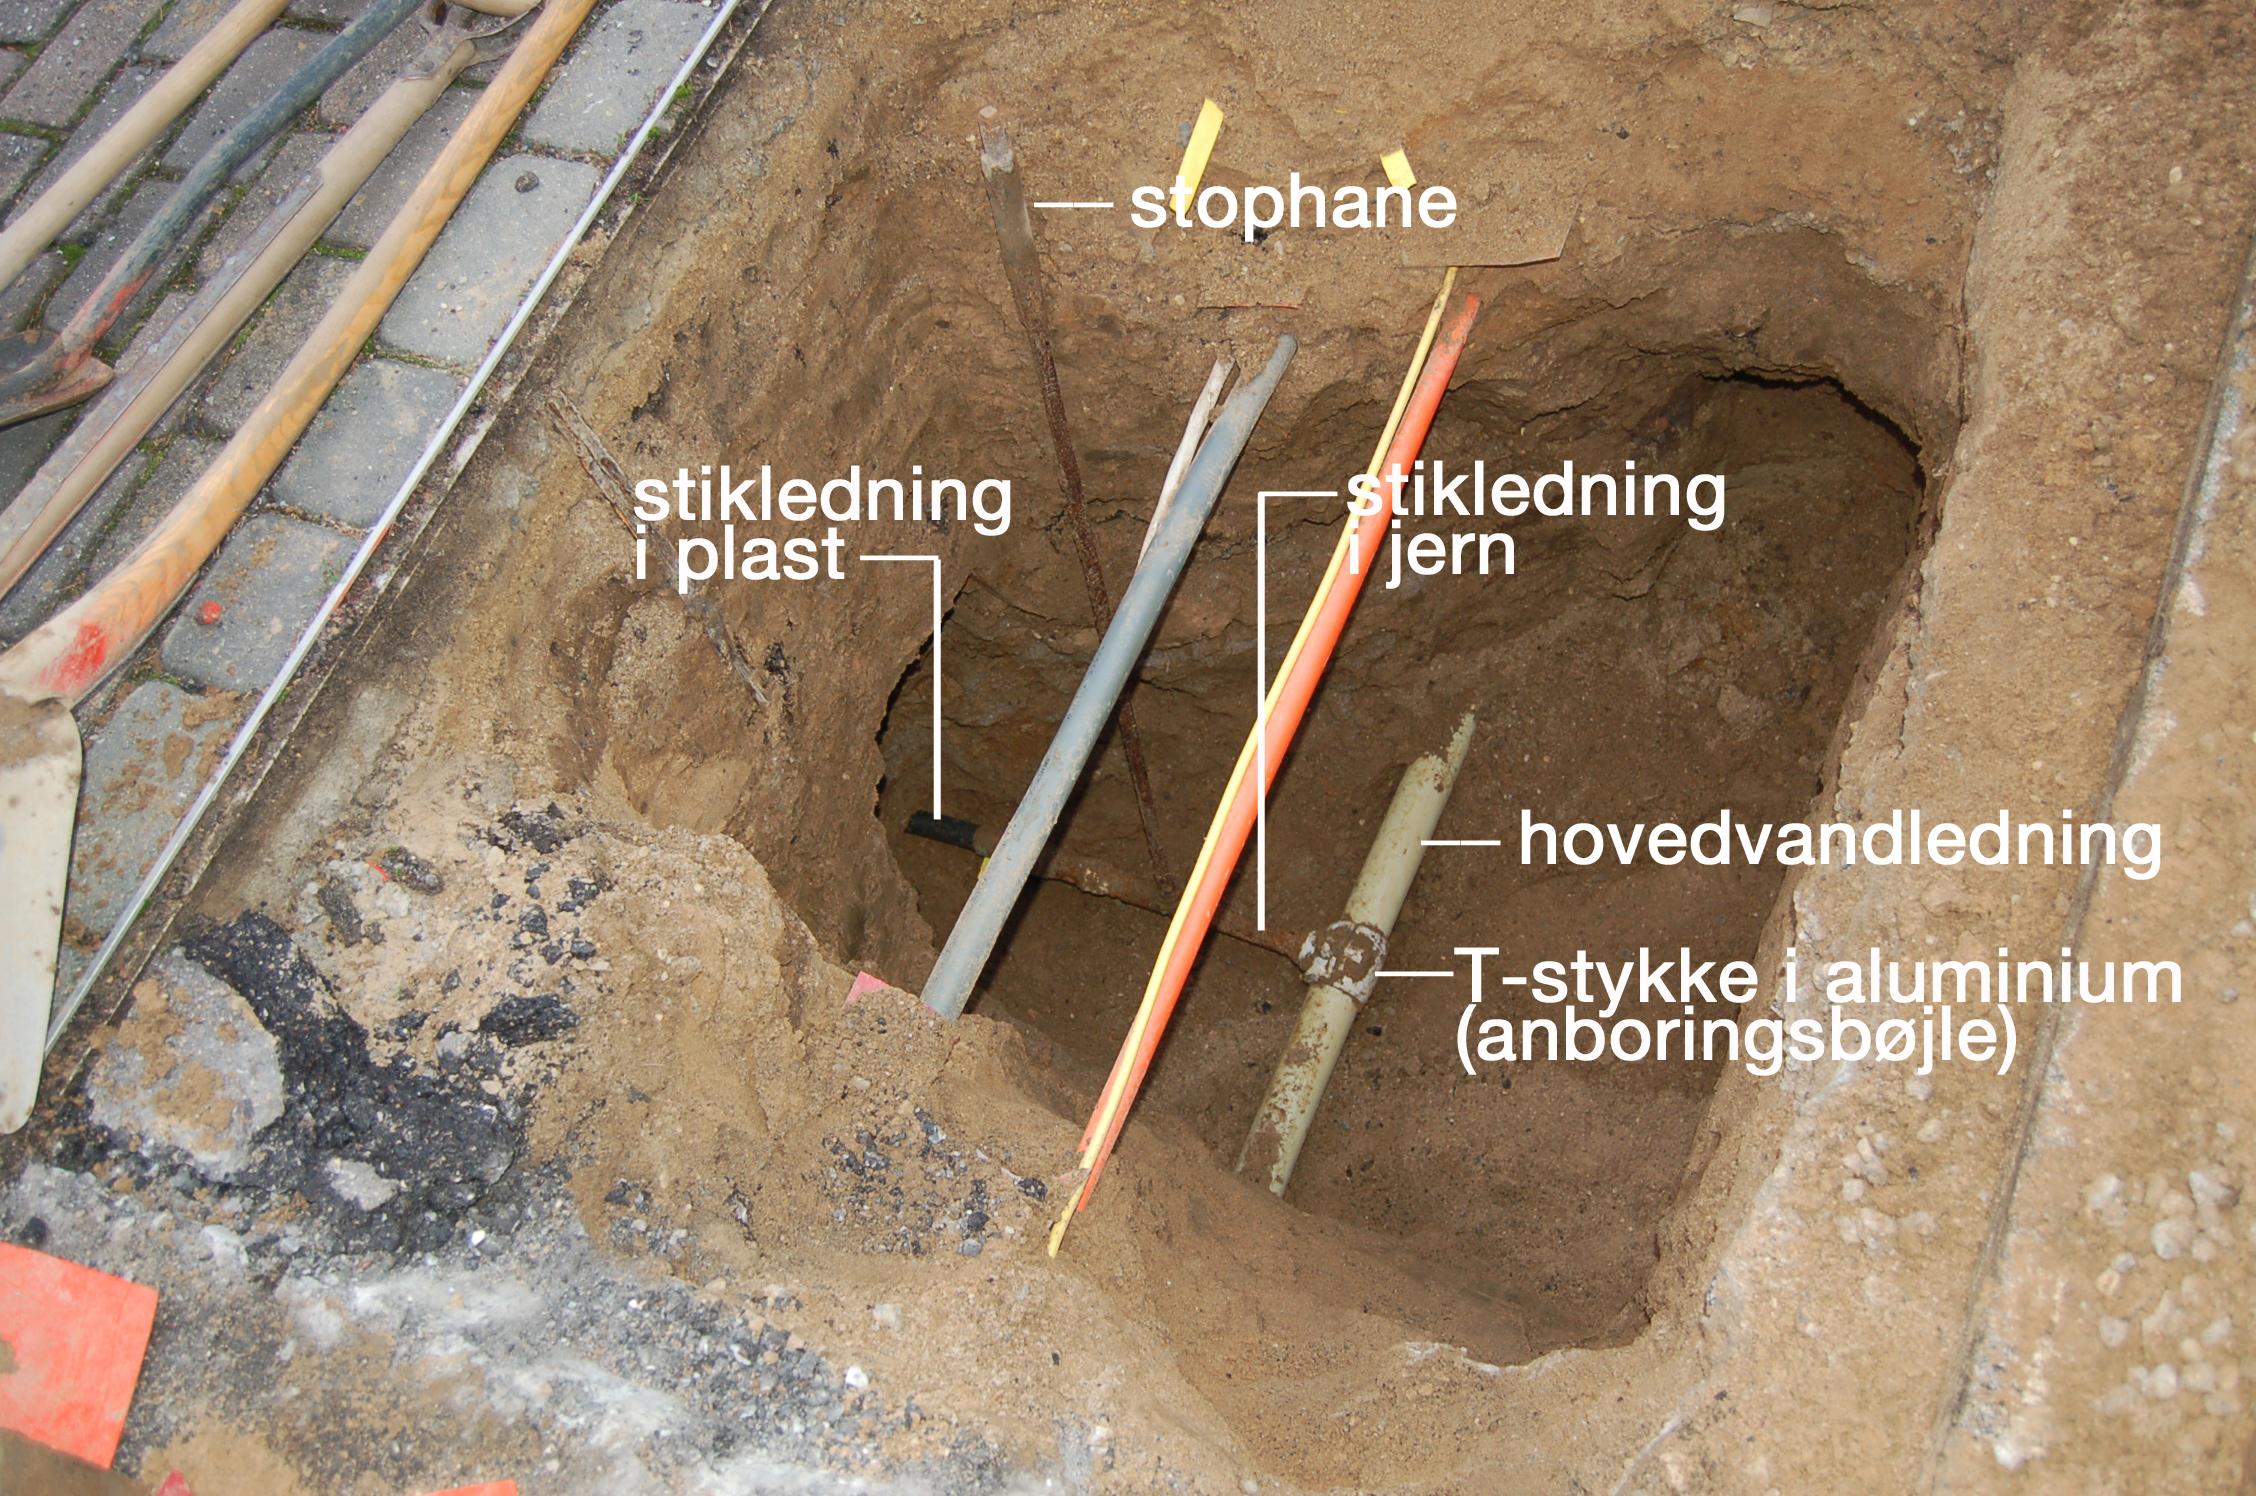 Som det fremgår ligger der en del forskellige forsyningsledninger i fortovene, og aller nederst ligger hovedvandledningen. Det er anboringsbøjlen samt stophanen og jern-stikledningen, der bliver udskiftet. Foto/tekst: AOB